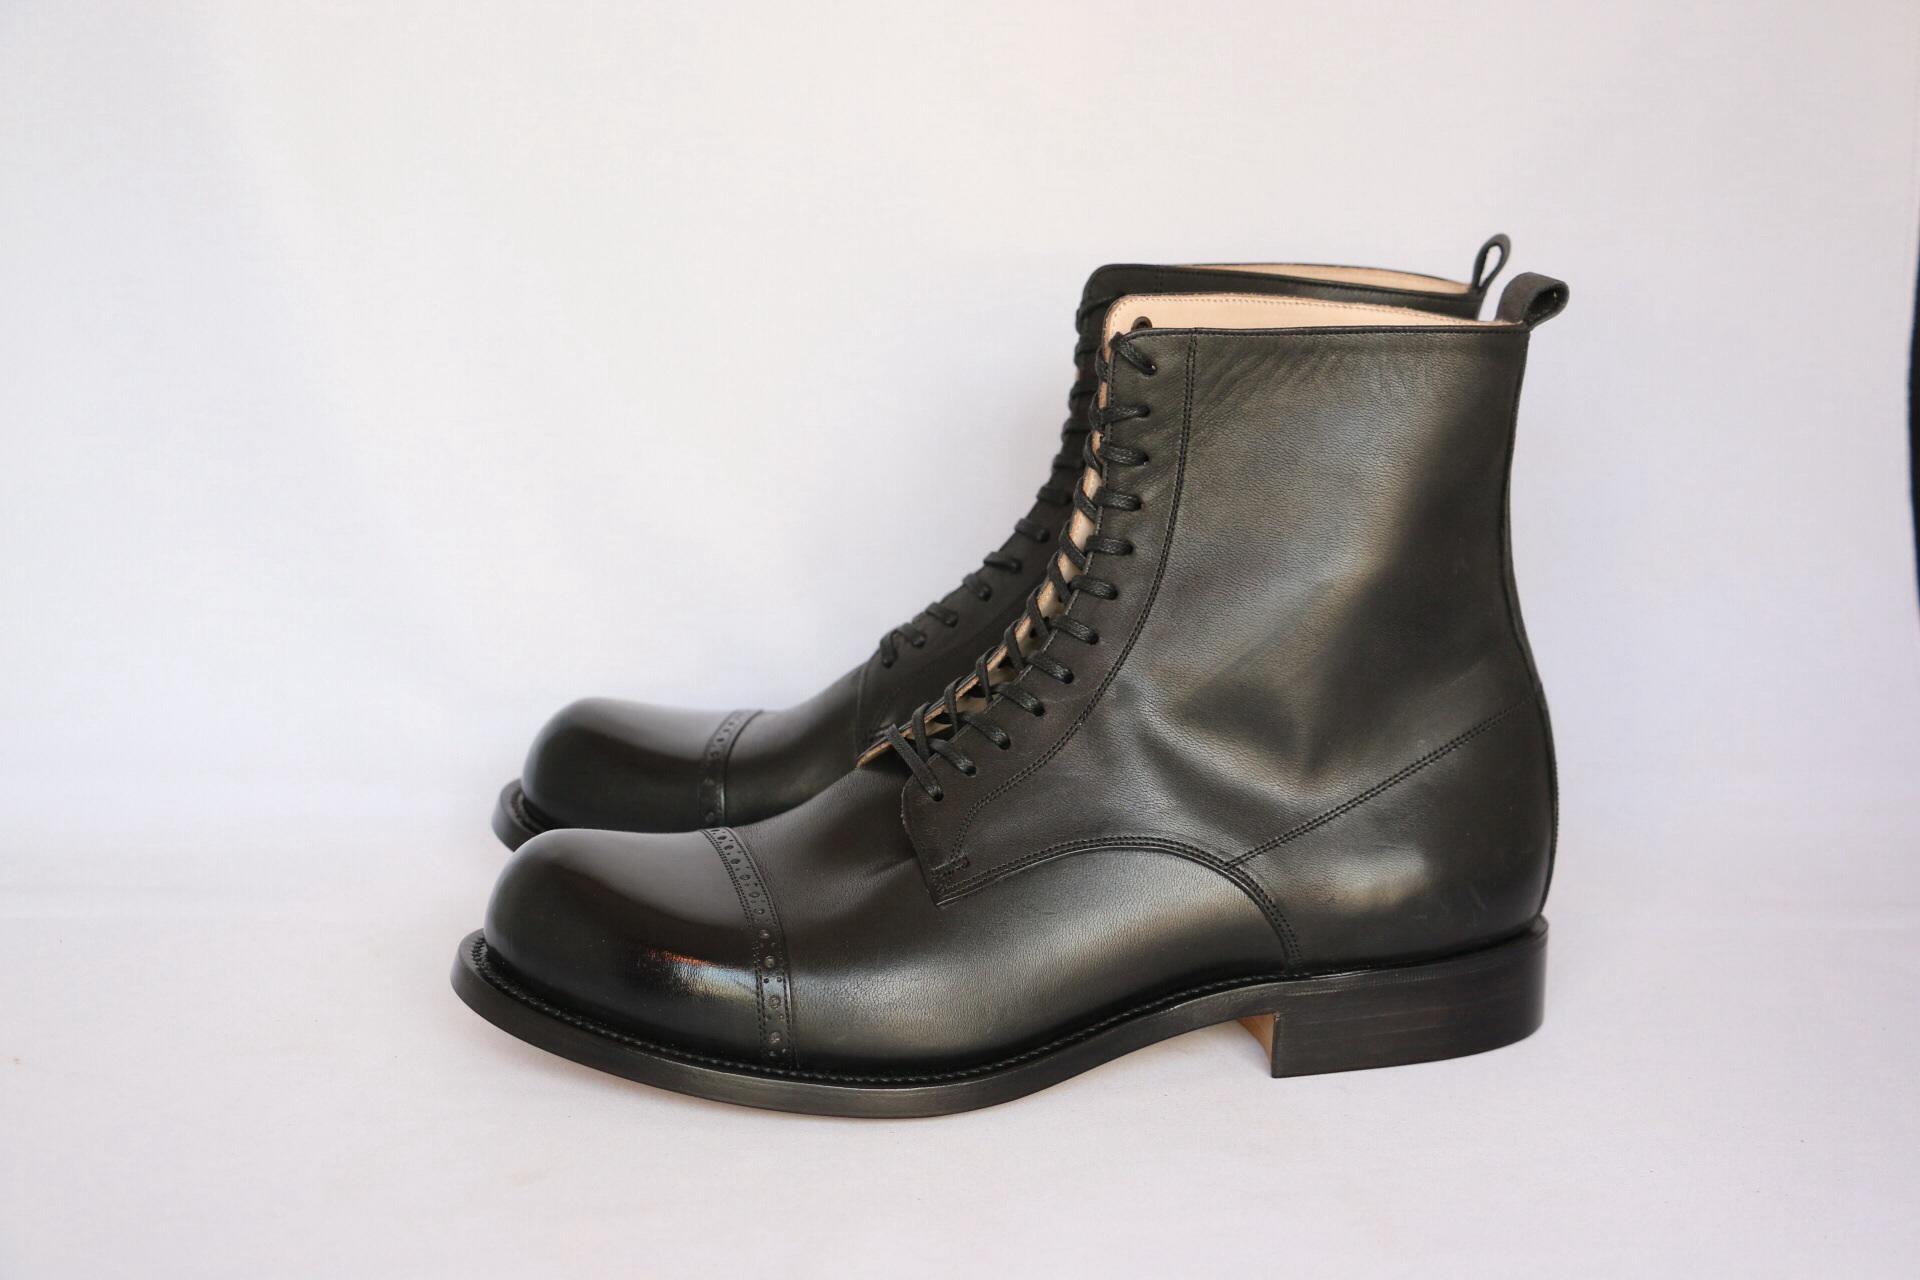 men's classic boots